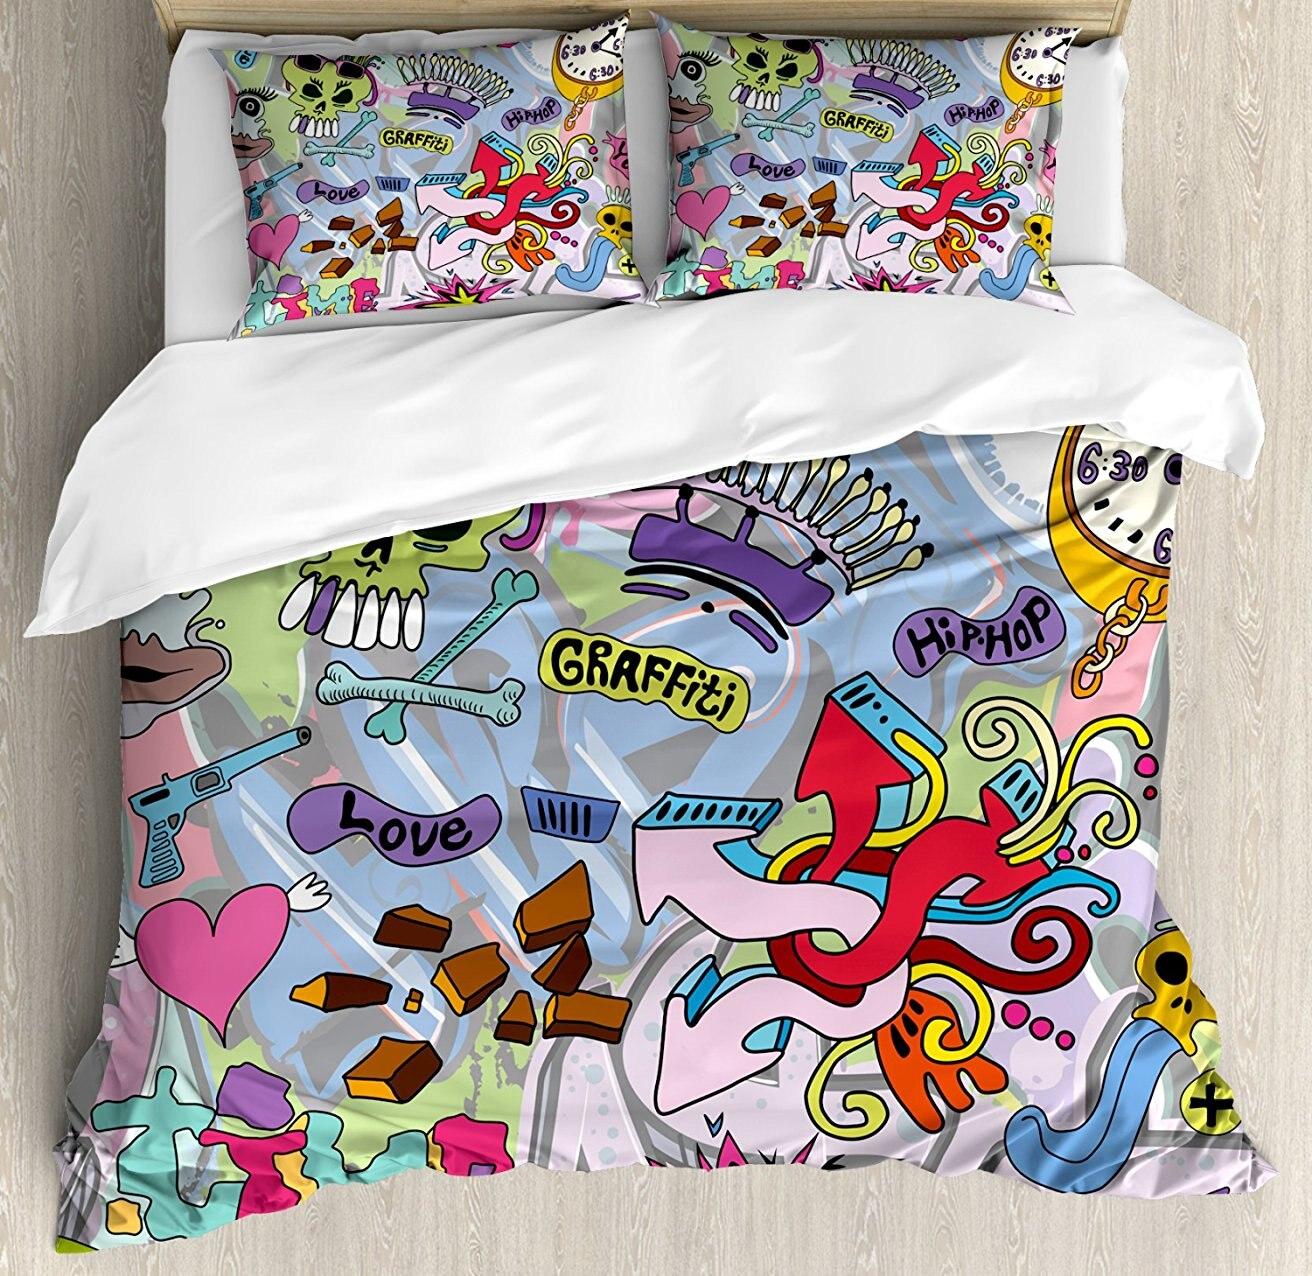 Книги по искусству постельное белье Хип хоп стиле красочные граффити Doodle Crazy Love время Прохладный Череп улица Книги по искусству принт, 4 шт. П